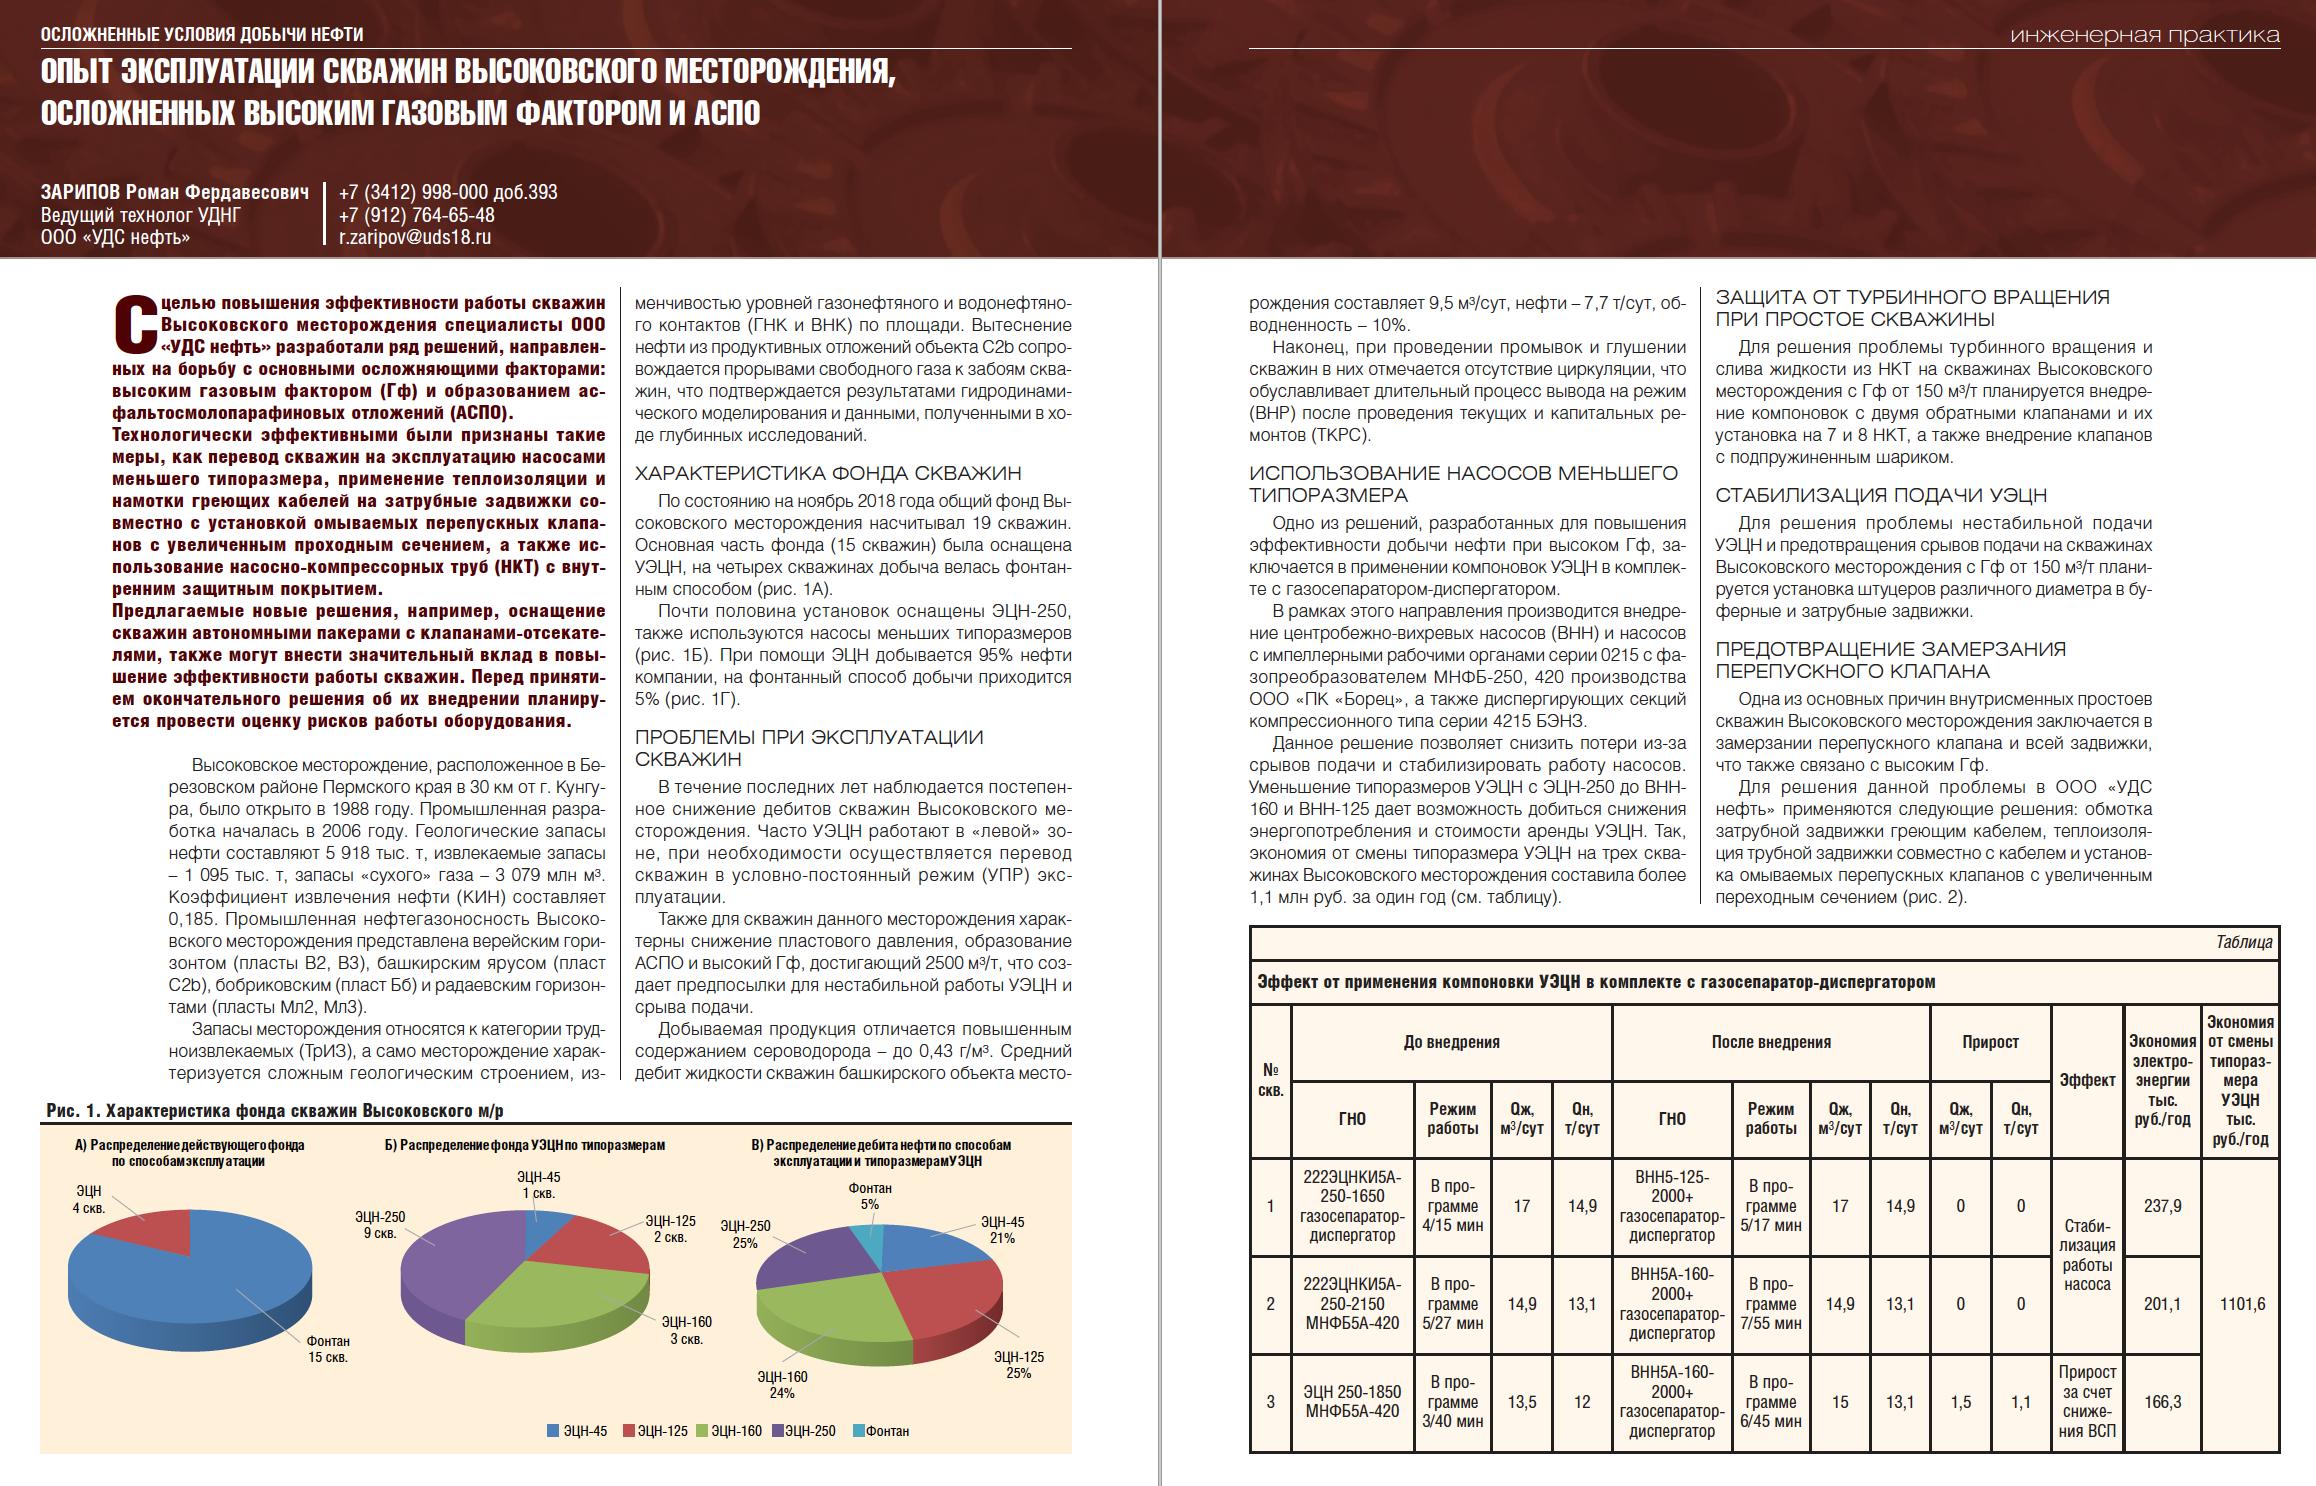 29862 Опыт эксплуатации скважин Высоковского месторождения, осложненных высоким газовым фактором и АСПО